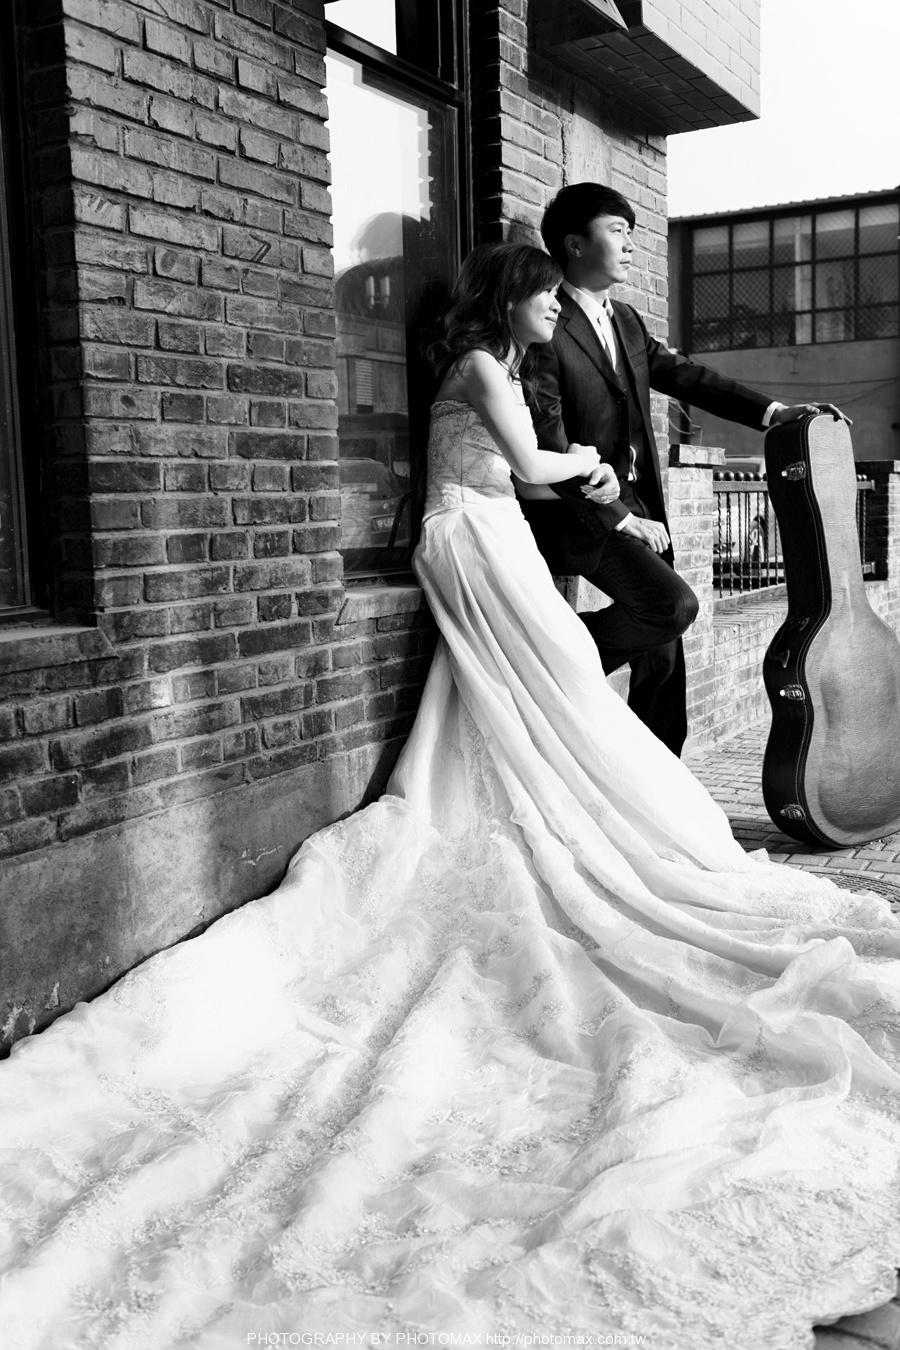 孫靜儀 PHOTOMAX 老麦摄影 北京婚纱摄影 (4)